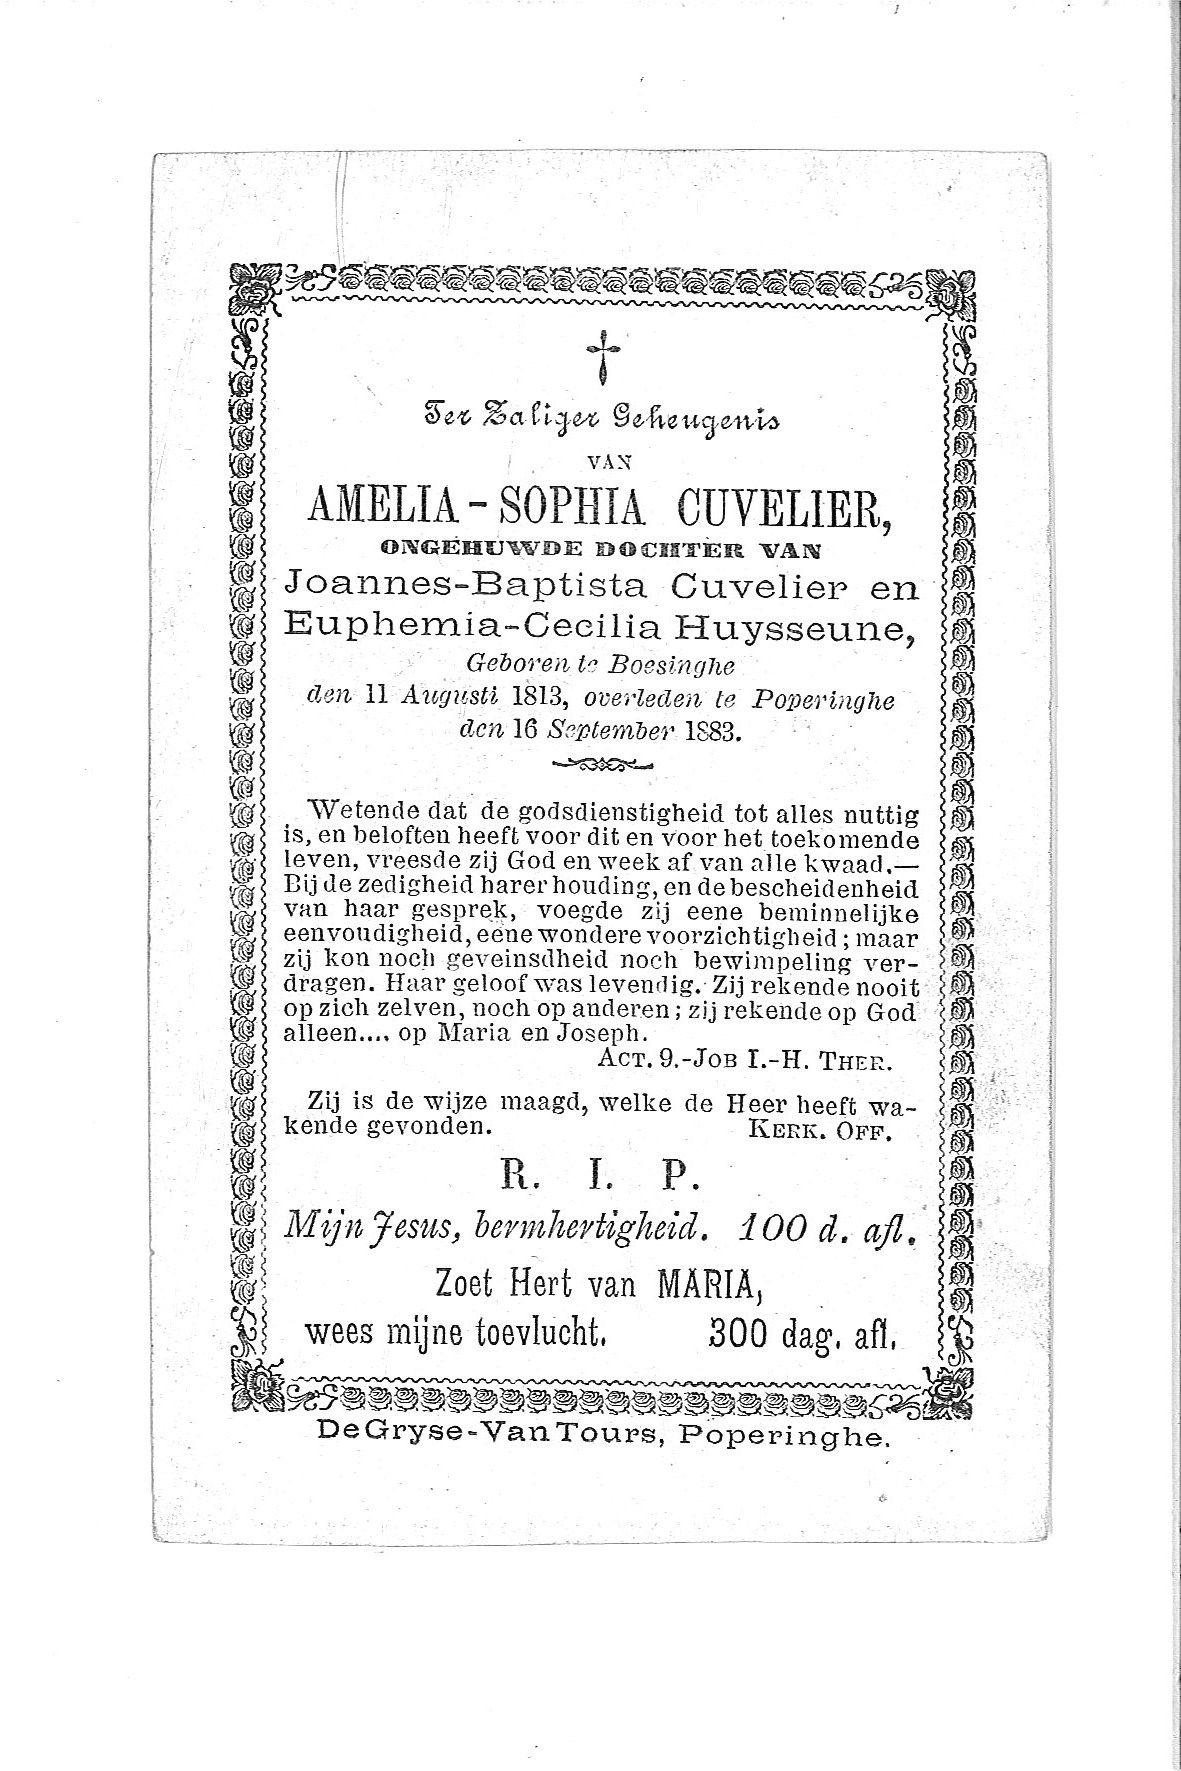 Amelia-Sophia(1883)20090916171417_00041.jpg